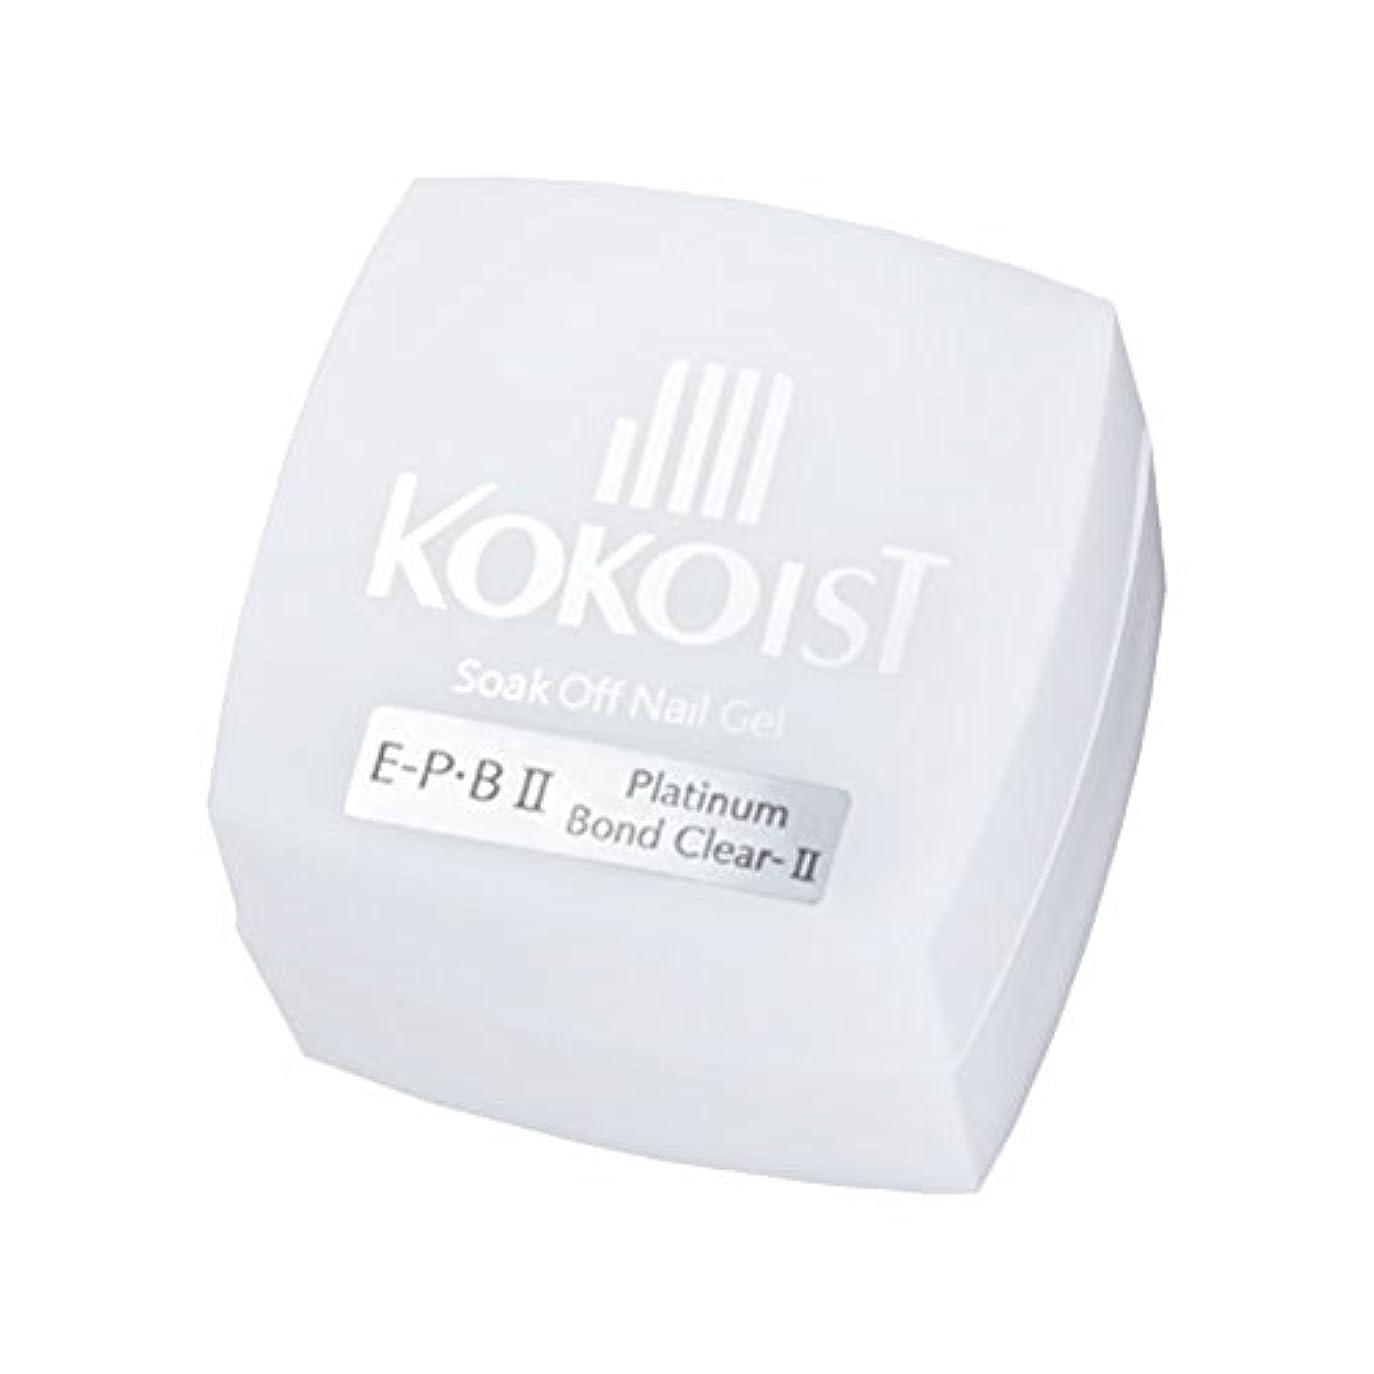 手つかずの隔離するばかKOKOIST フ゜ラチナホ゛ント゛II 4g ジェル UV/LED対応